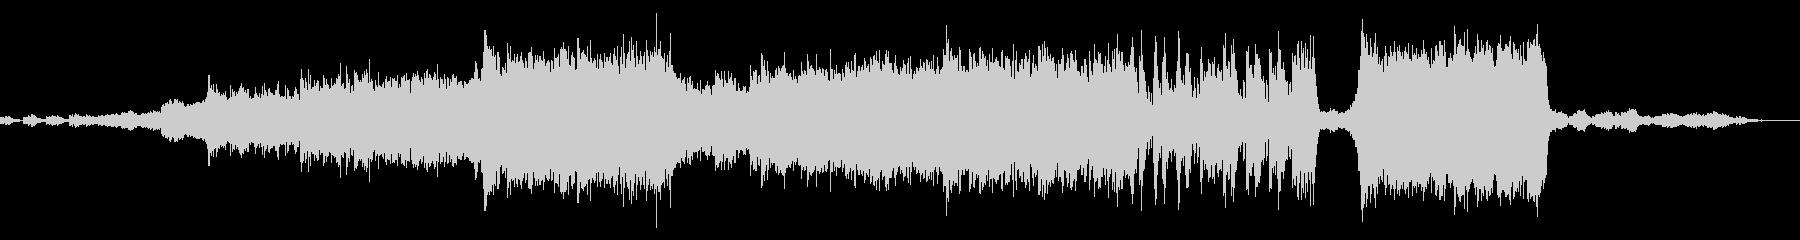 YAMATOの未再生の波形